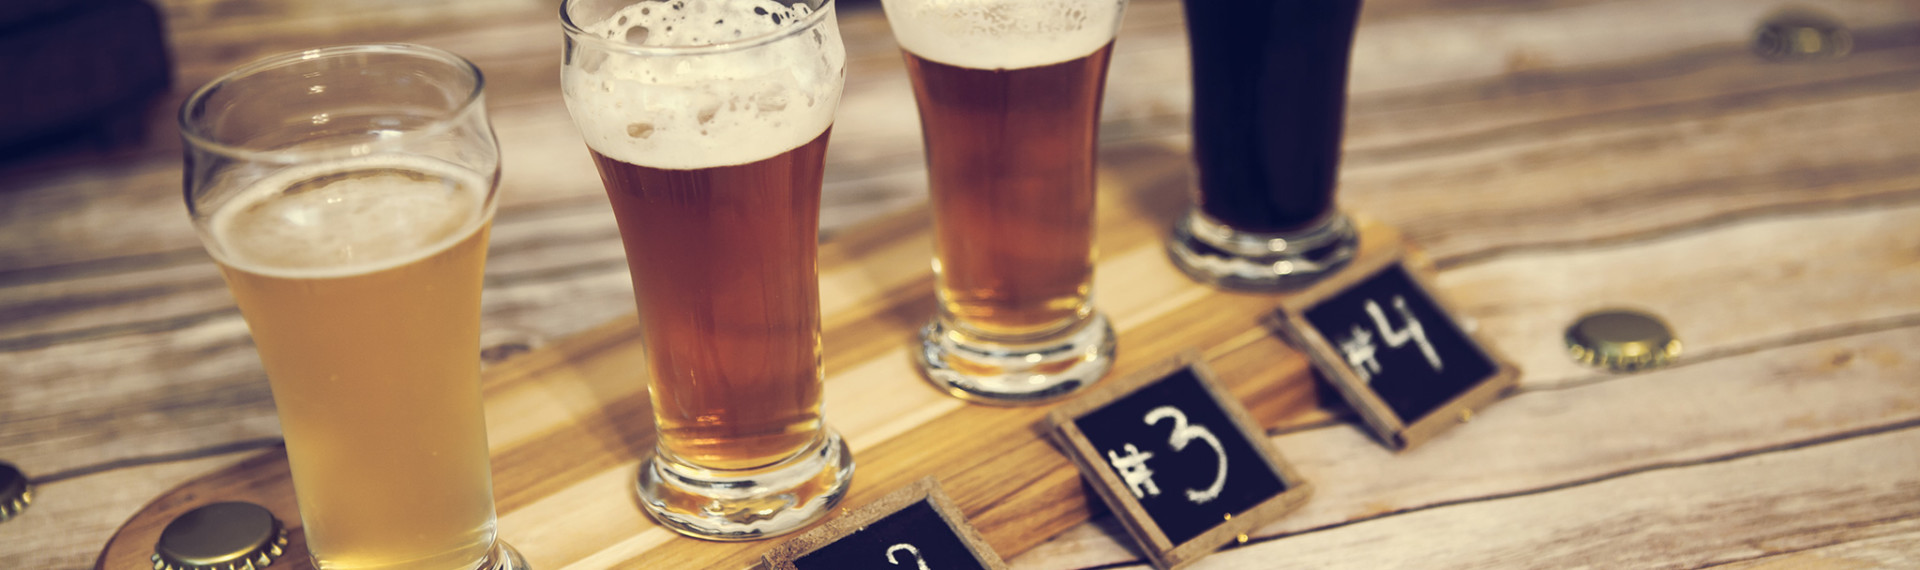 Sofia Beer Tasting image